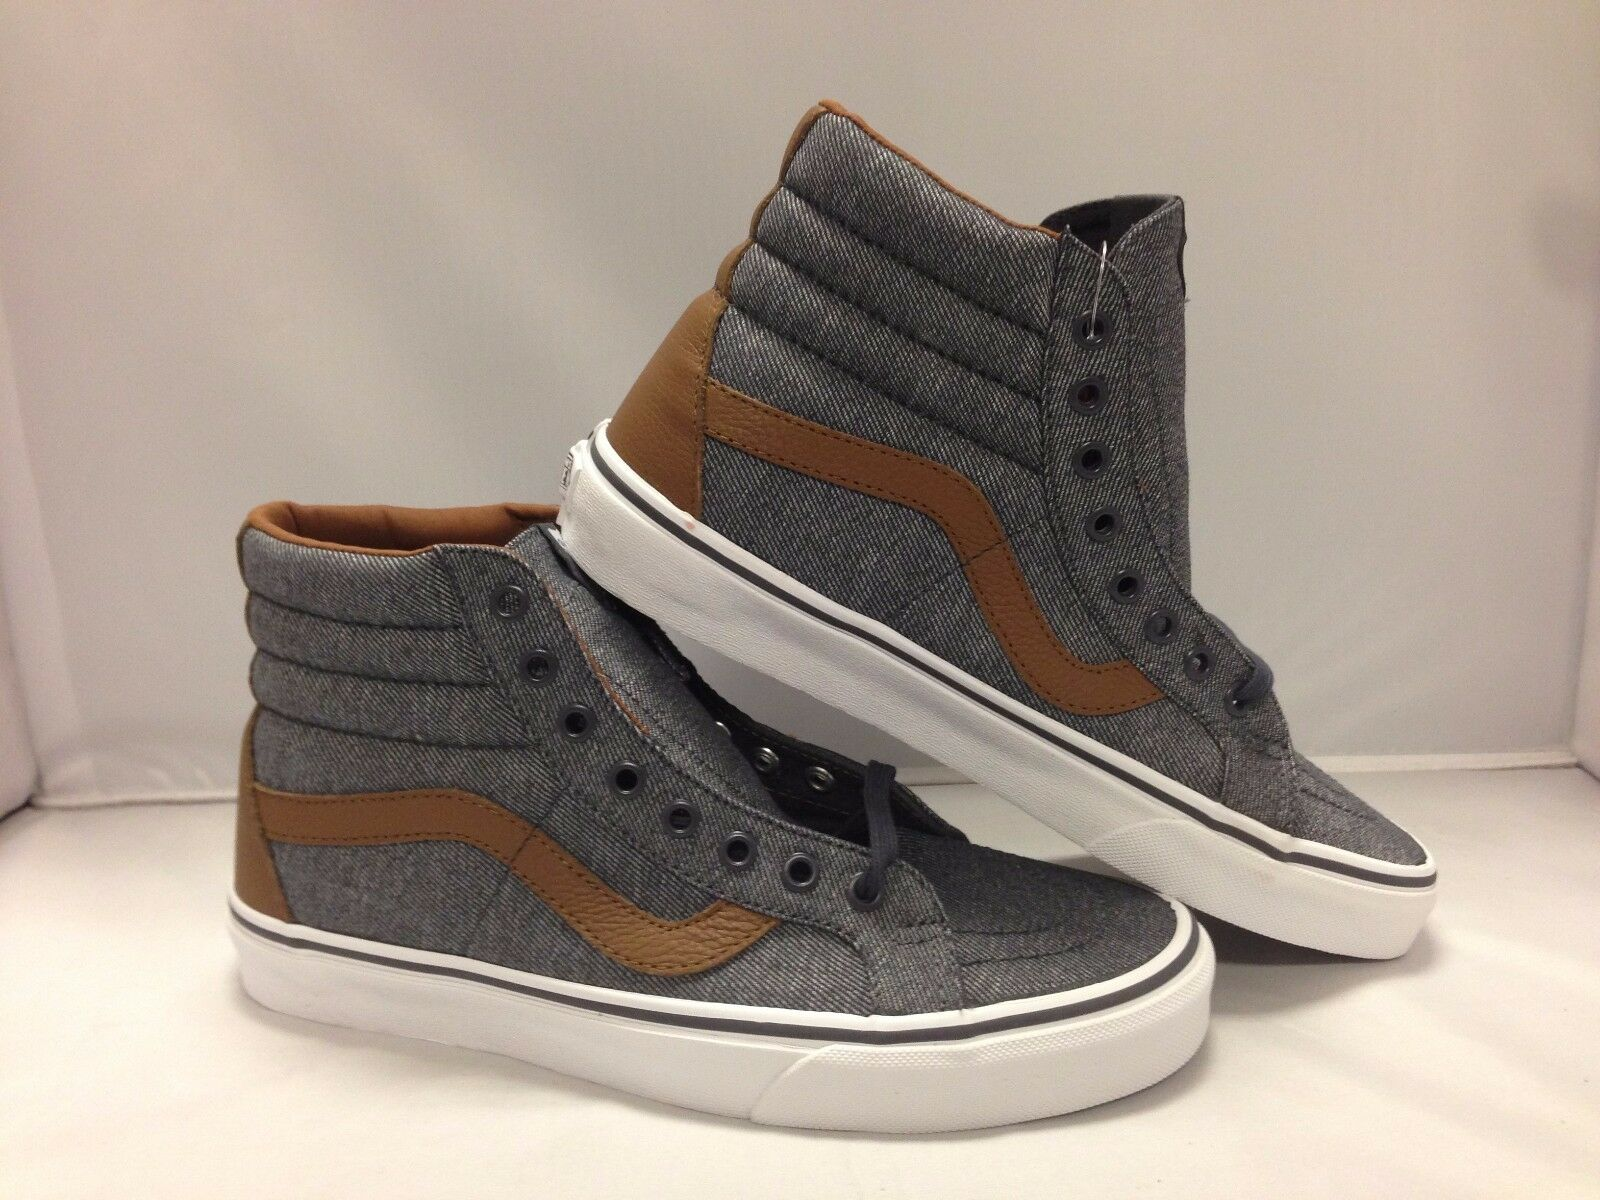 Vans Men's Shoes ''Sk8-Hi Reissue''--(Denim C&L)Prscp/Dachshnd